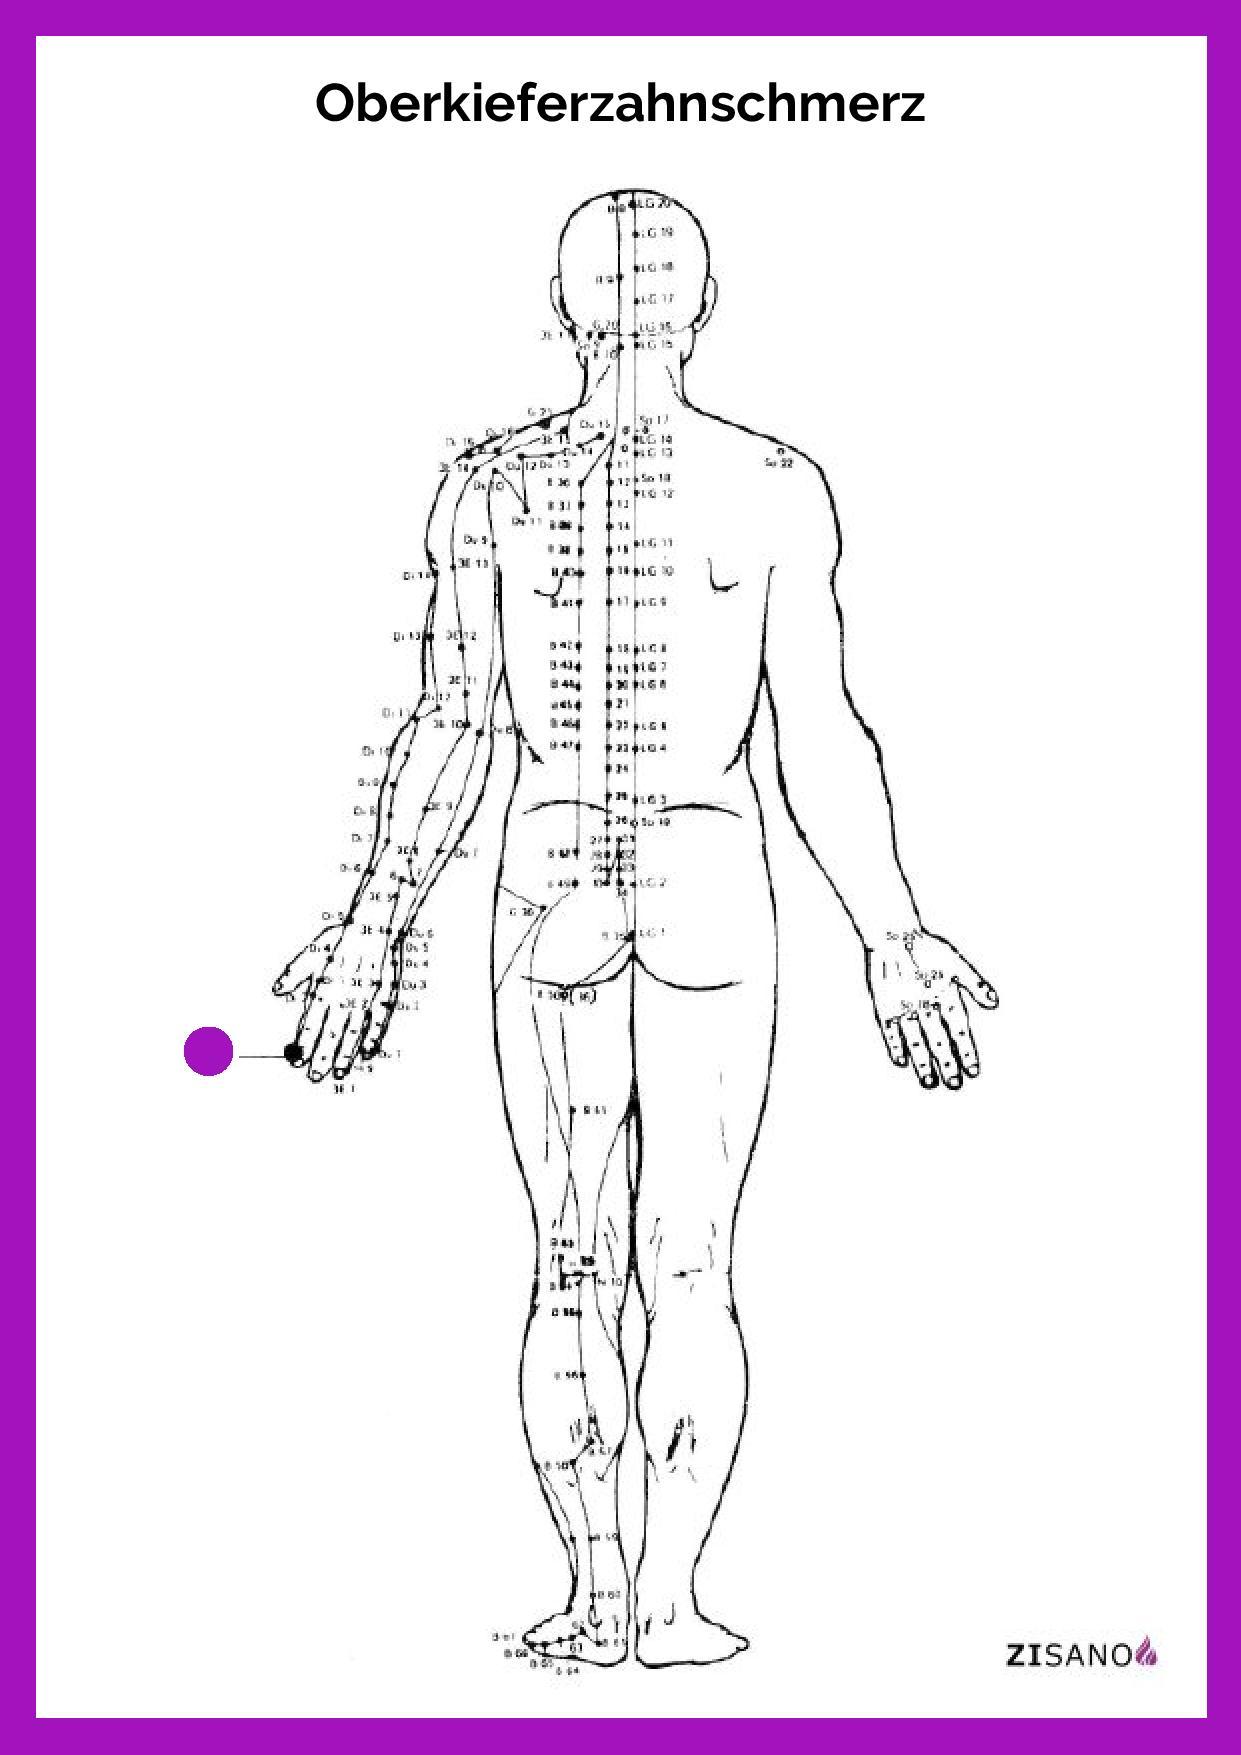 Meridiane Oberkieferzahnschmerz Behandlung und Schmerzlinderung